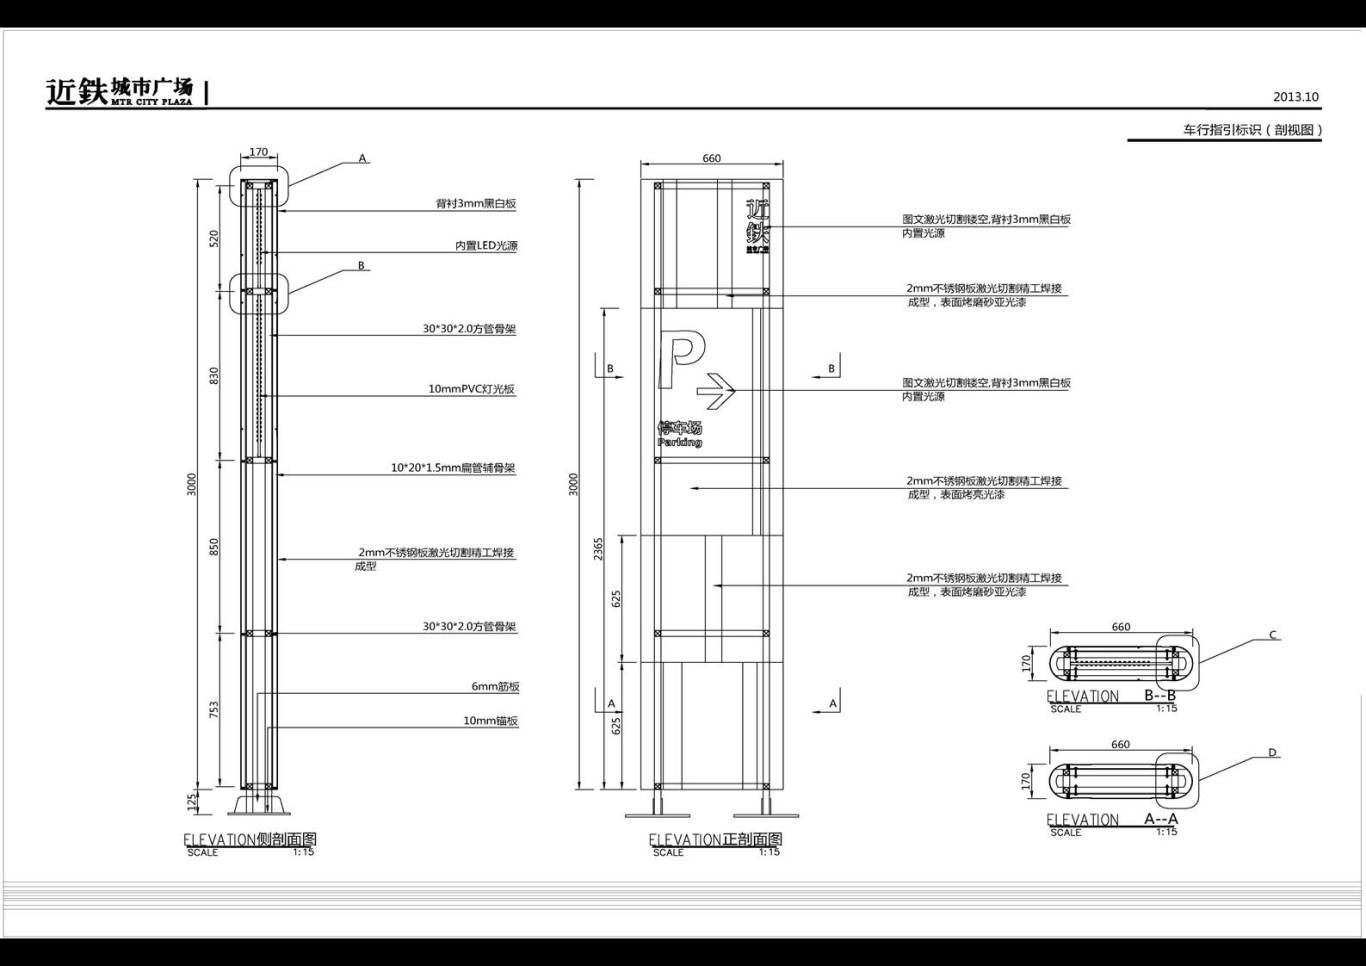 近铁城市广场环境导示设计方案图8